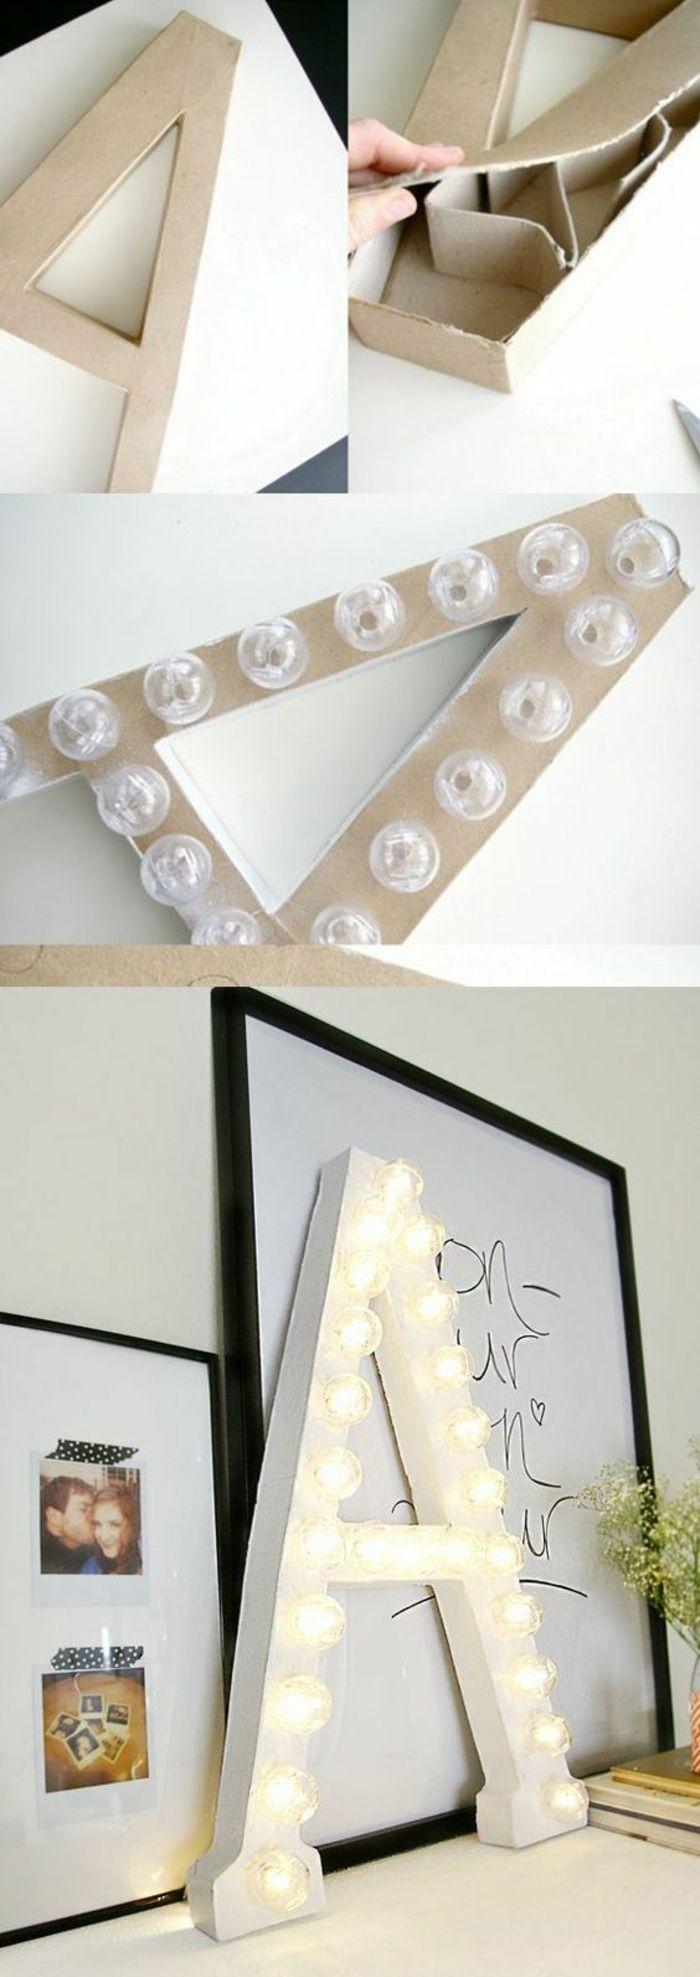 wanddeko, großer papp buchstabe, glühbirnen, lampe, bilder